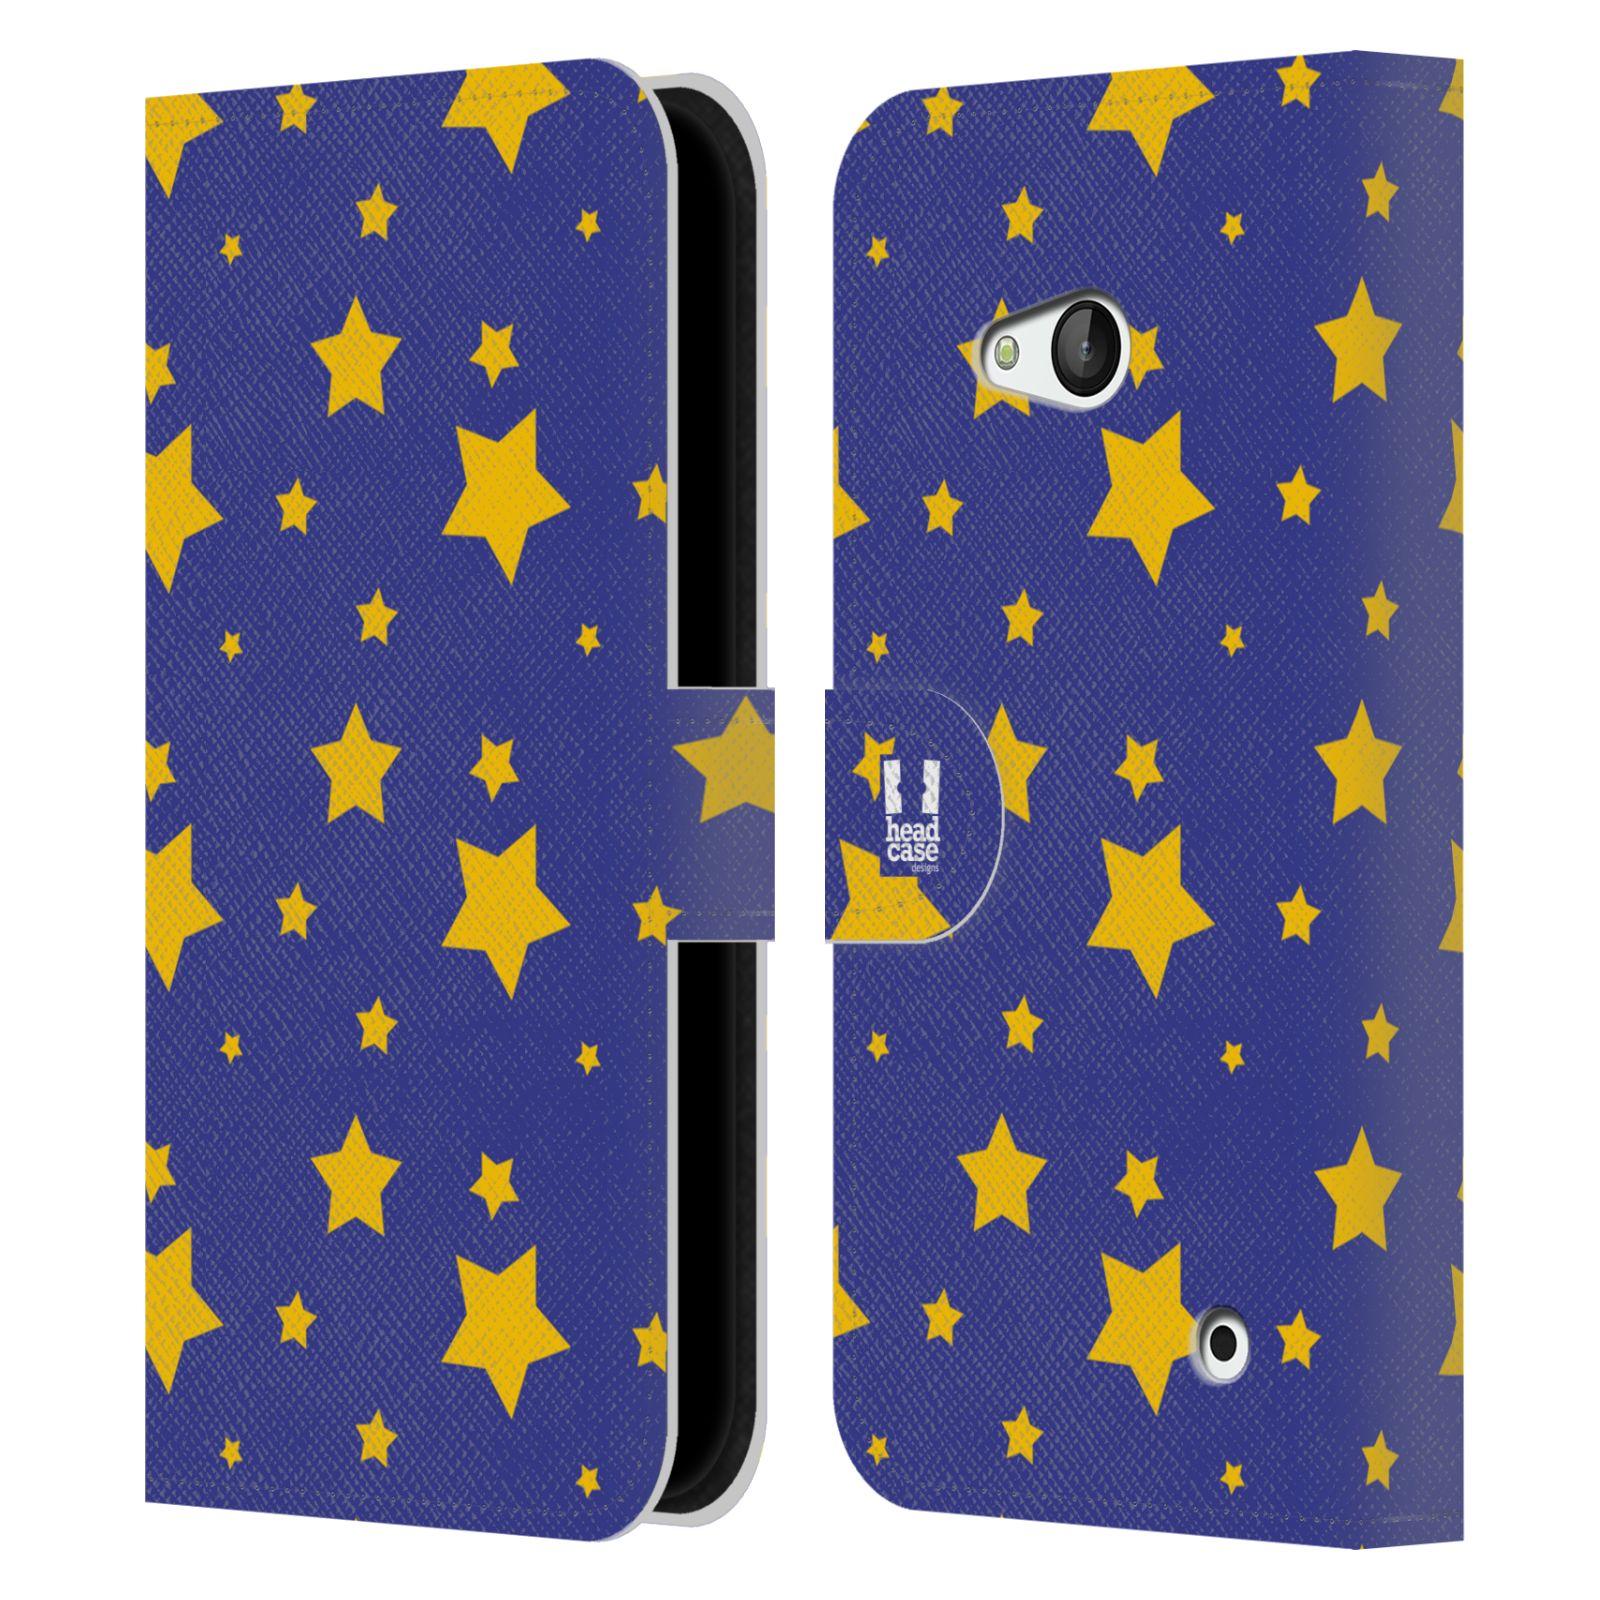 HEAD CASE Flipové pouzdro pro mobil NOKIA / MICROSOFT LUMIA 640 / LUMIA 640 DUAL vzor hvězdičky modrá a žlutá